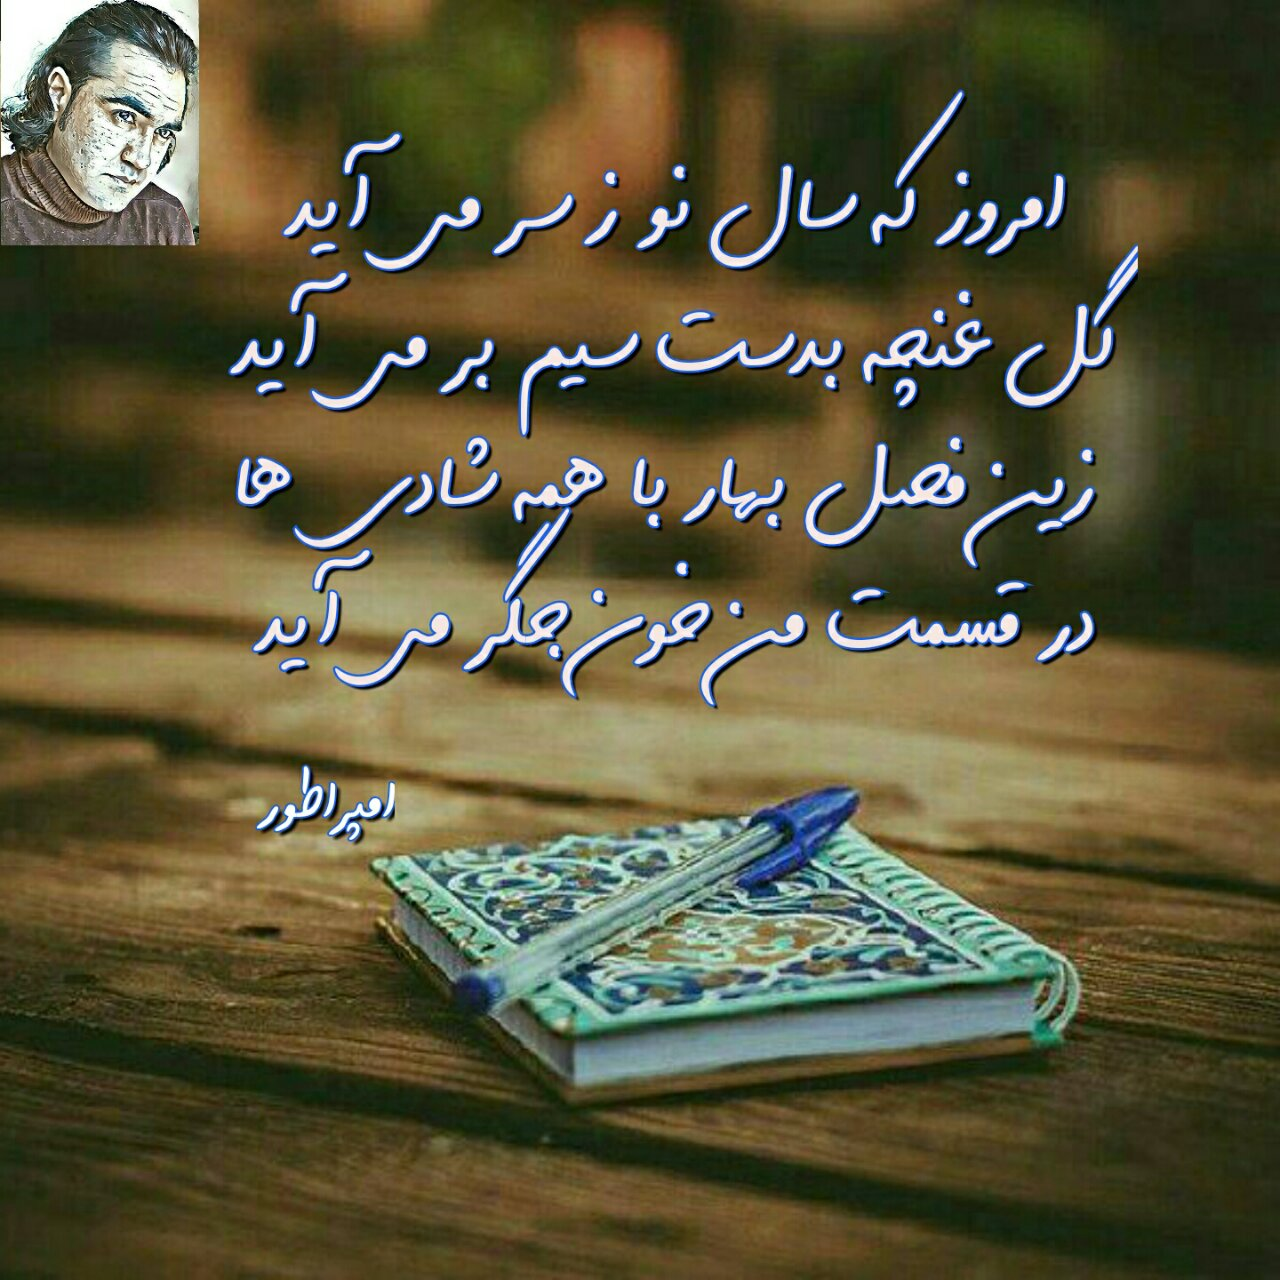 امروز که سال نو ز سر می آید احمد محمود امپراطور 1